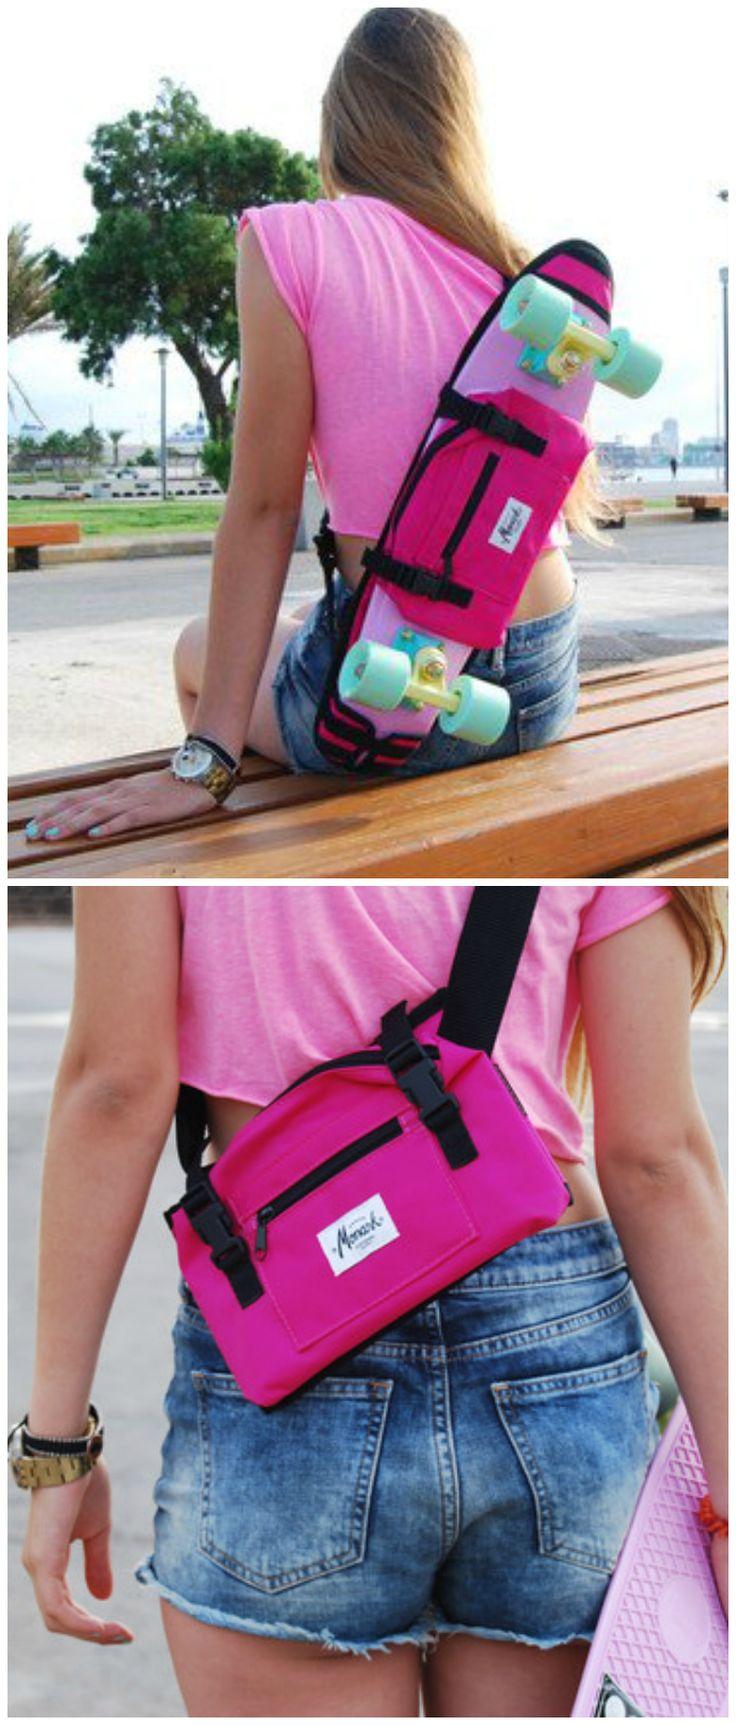 Praktische Skate-Accessoires: Tasche für das Skateboard. Das Board einfach bequem über der Schulter tragen. Geschenke kaufen von Monark Supply via DaWanda.com